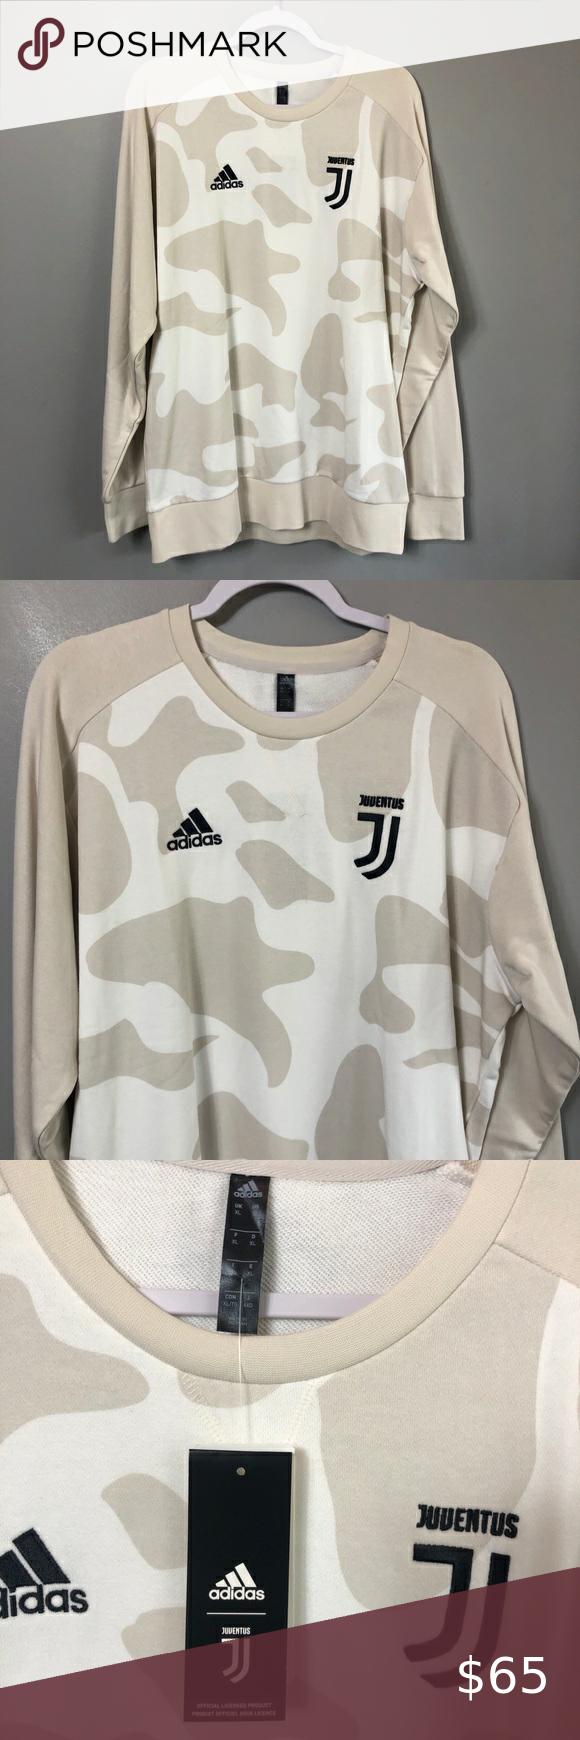 Adidas Juventus Camouflage Sweatshirt Camouflage Sweatshirt Sweatshirts Adidas Sweater [ 1740 x 580 Pixel ]